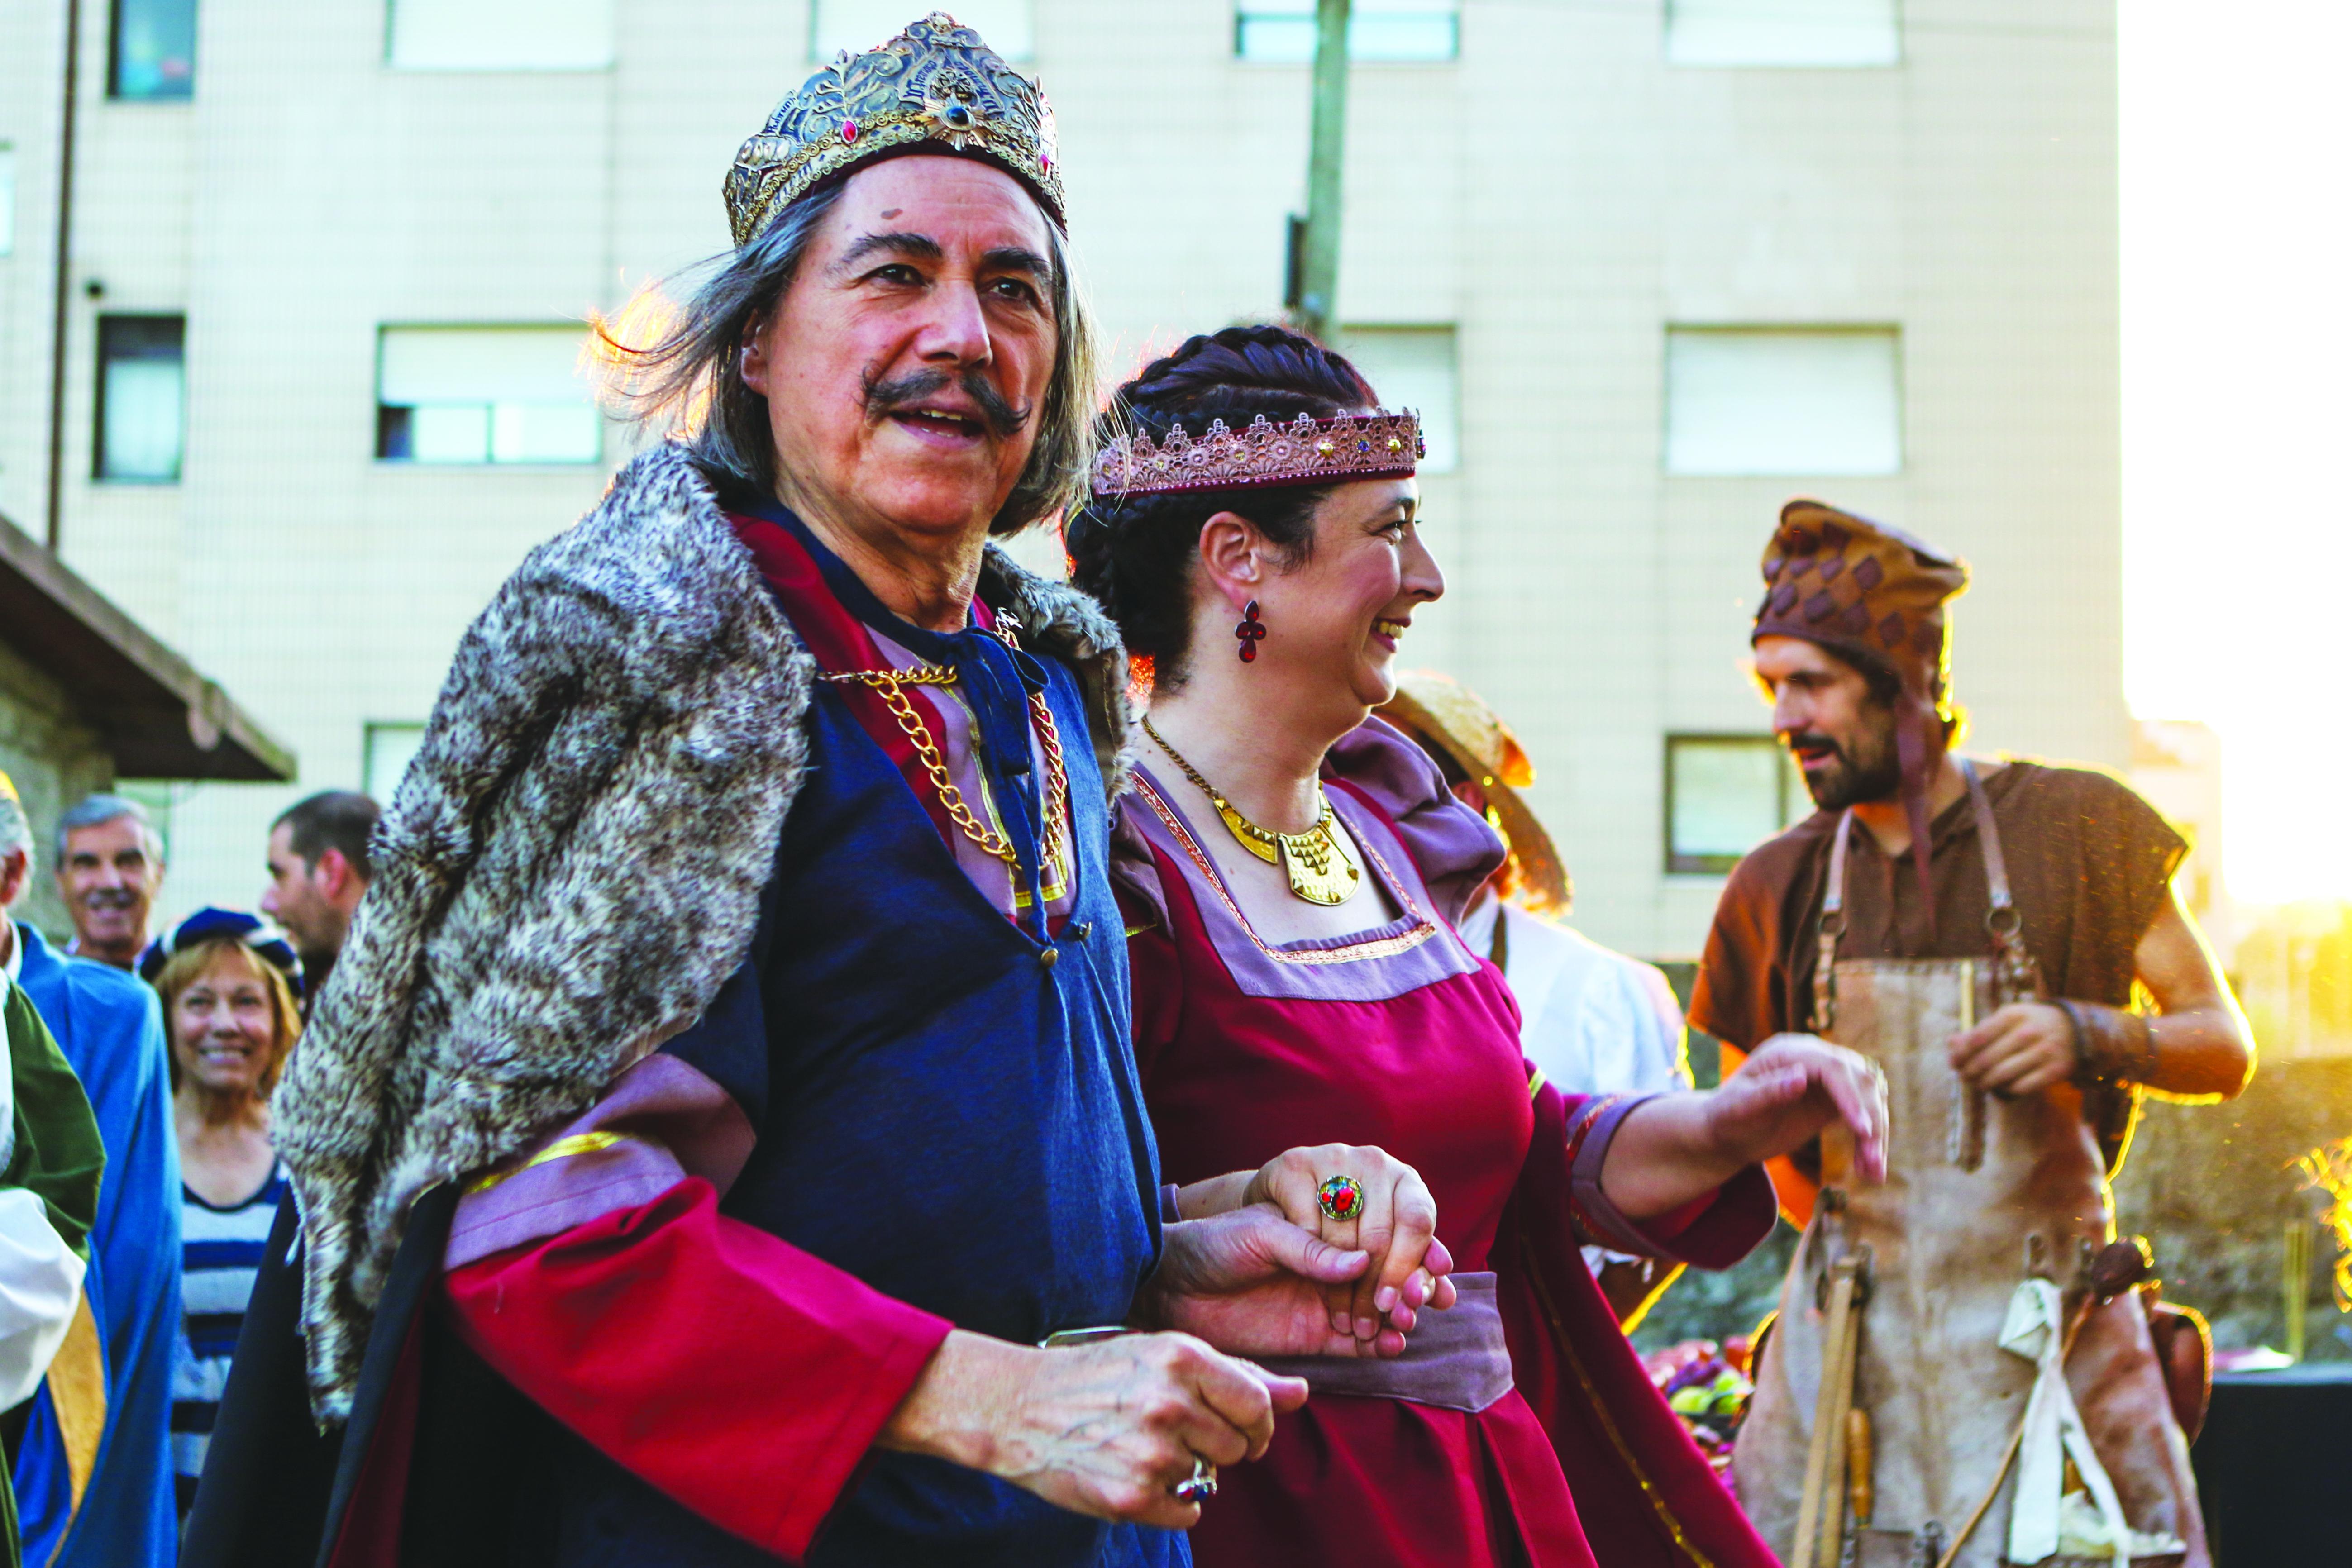 Medieval de Rio Tinto - setembro 2018